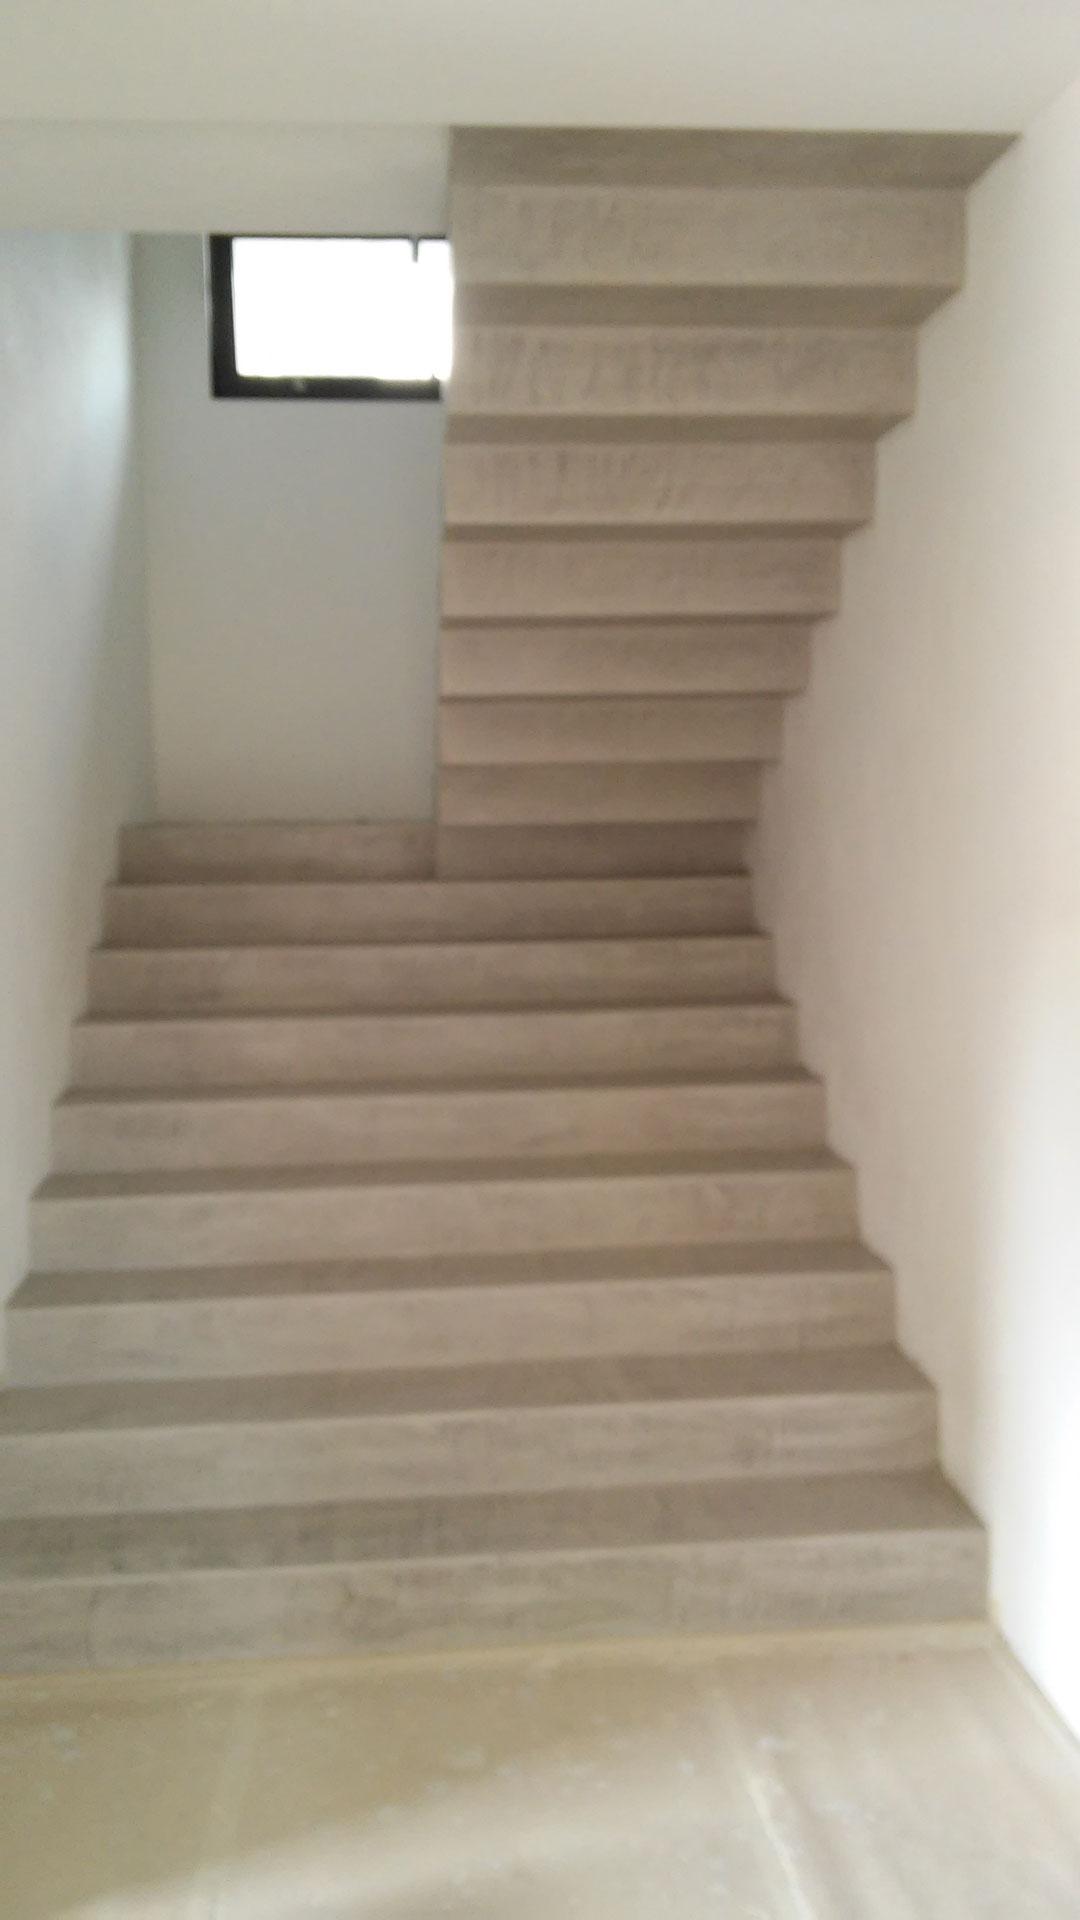 Scala in microcemento grigia con pareti bianche